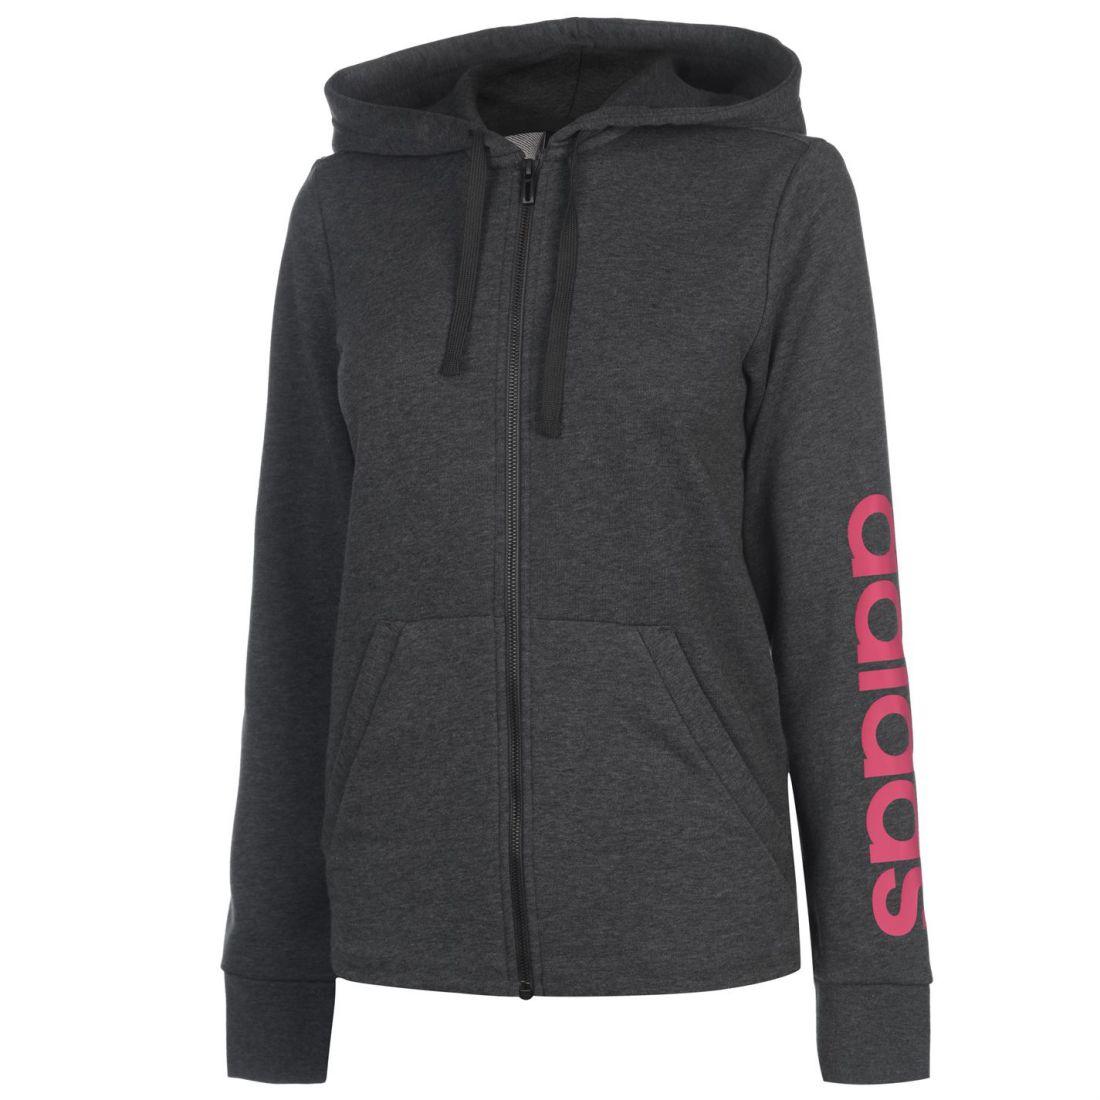 Adidas Womens Full Zip Zip Zip Hoody Hoodie Hooded Top Long Sleeve Print Drawstring 19c536